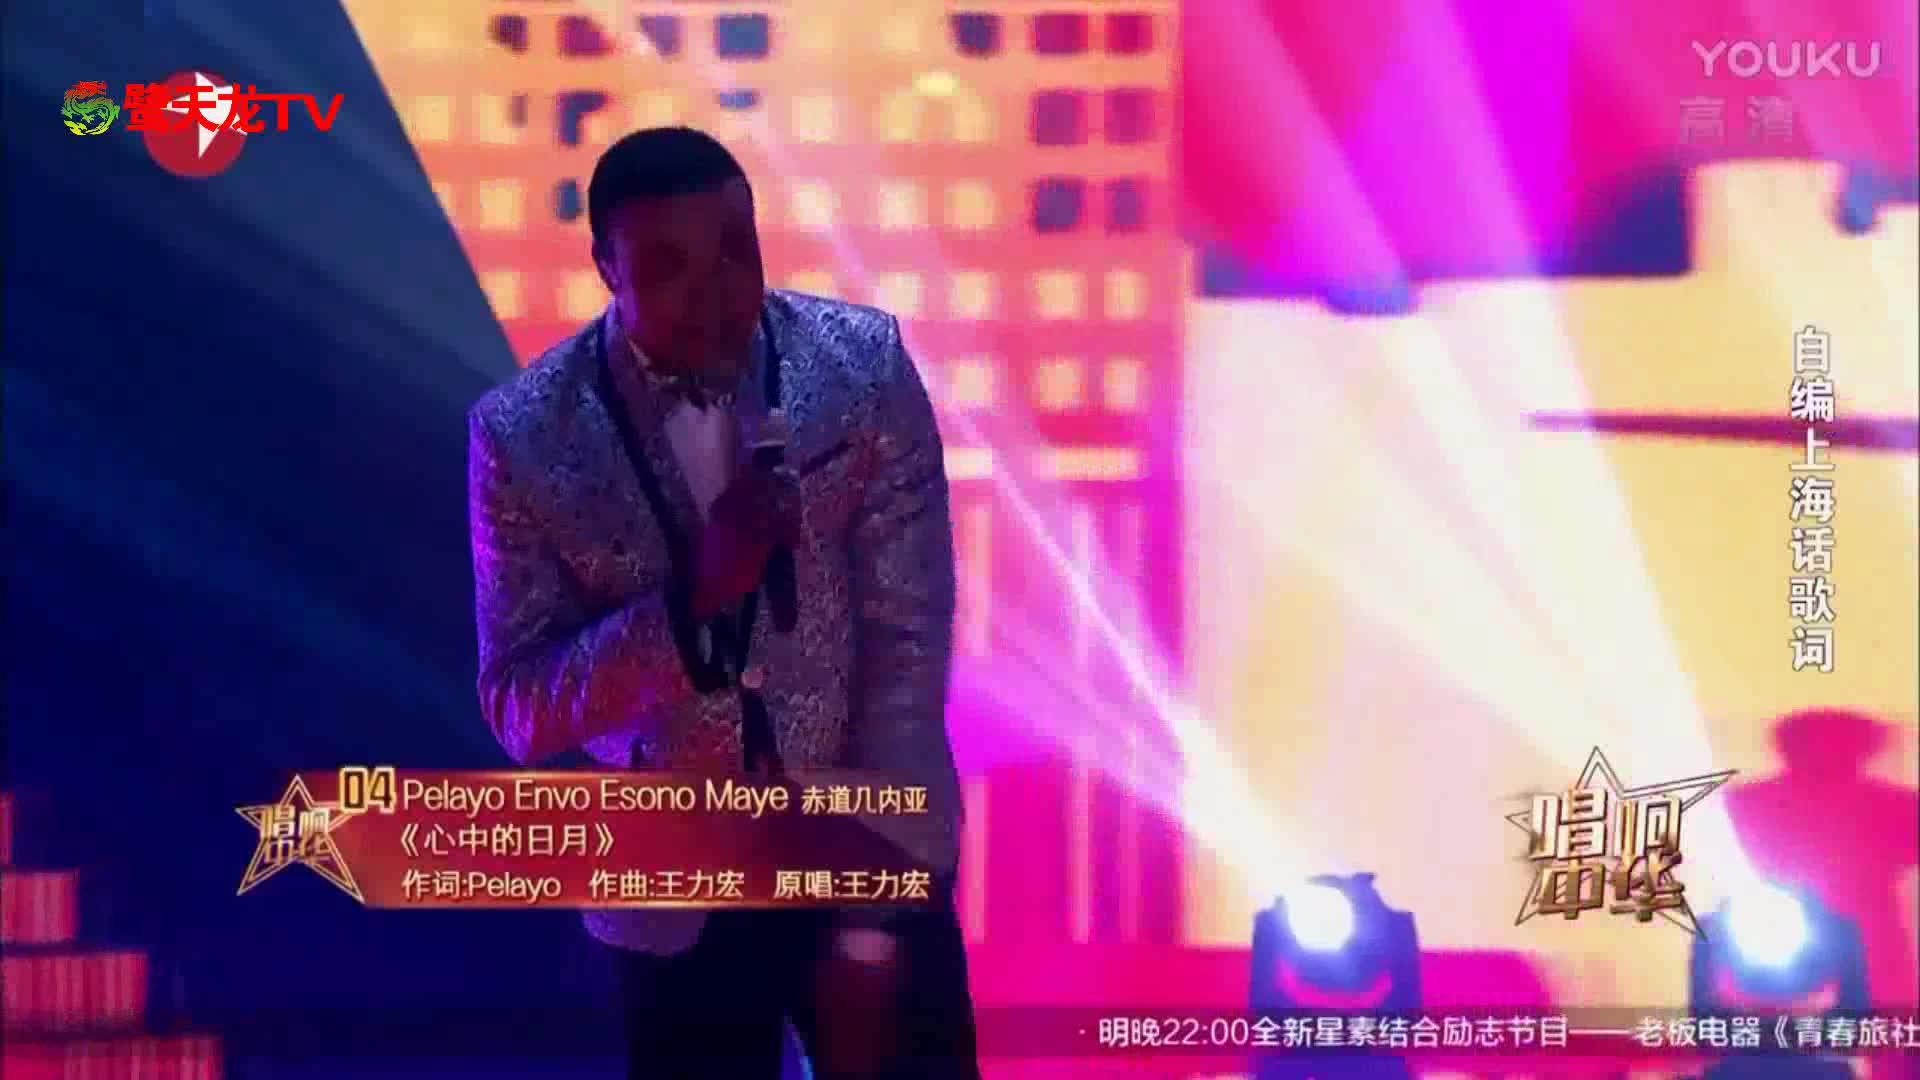 自编上海话歌词《心中的日月》暴动全场